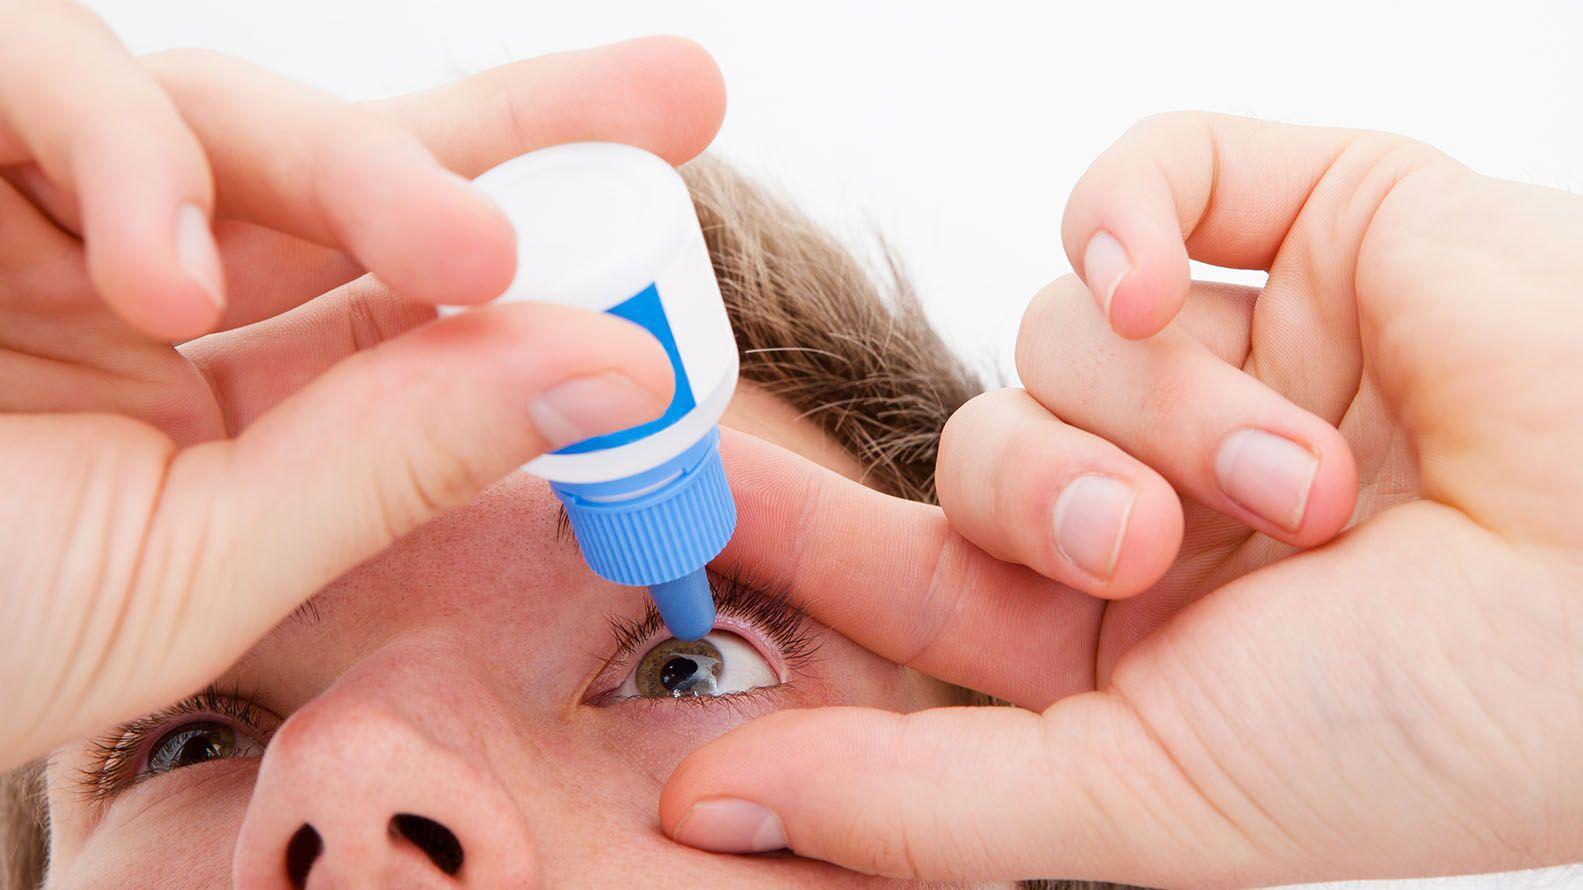 El glaucoma es una enfermedad visual crónica e irreversible del nervio óptico (Shutterstock)